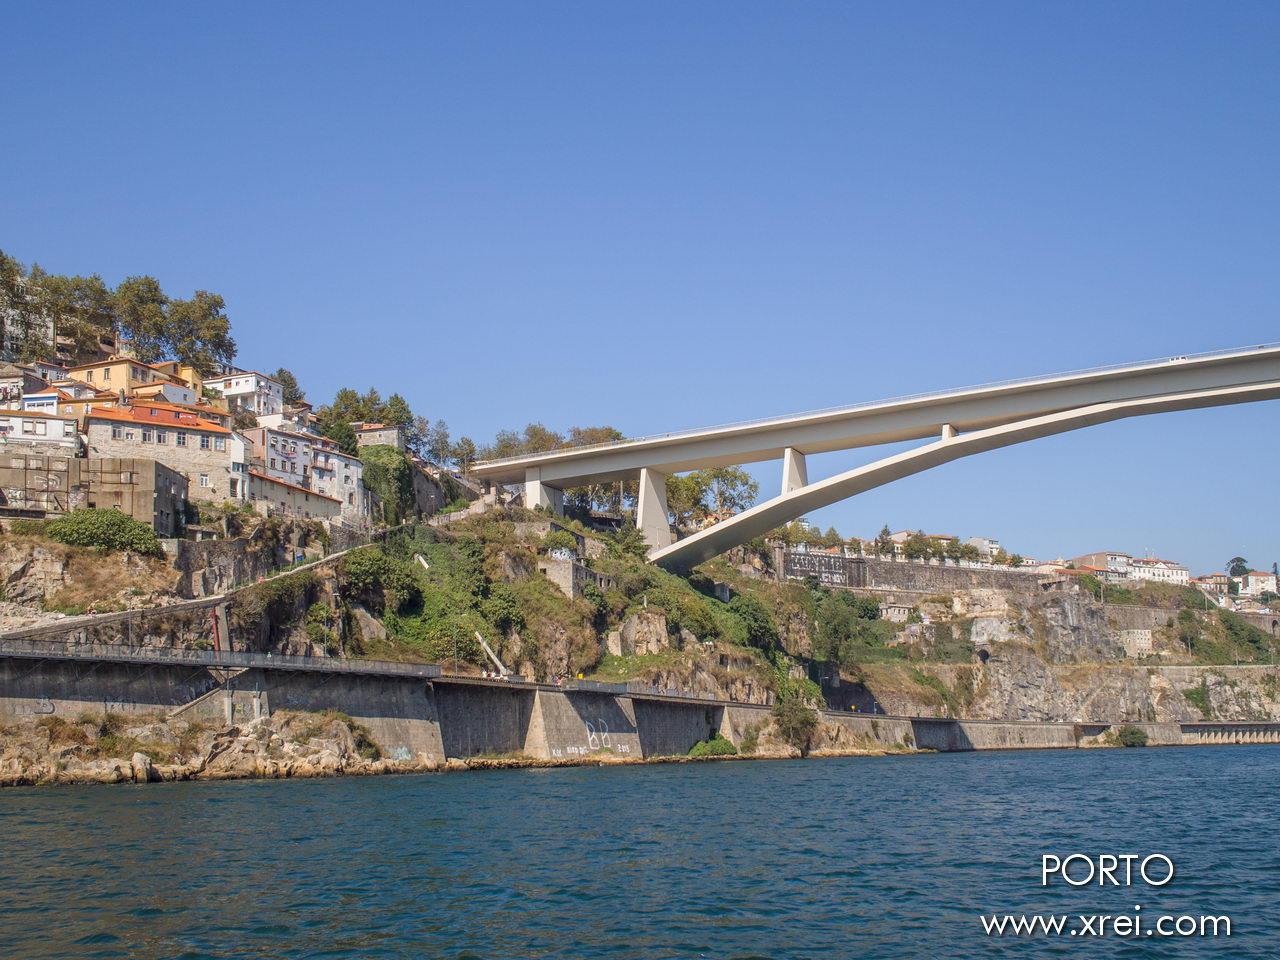 Ponte Infante Dom Henrique, comúnmente conocido como Ponte do Infante, es un puente de carretera que conecta Vila Nova de Gaia con Oporto.